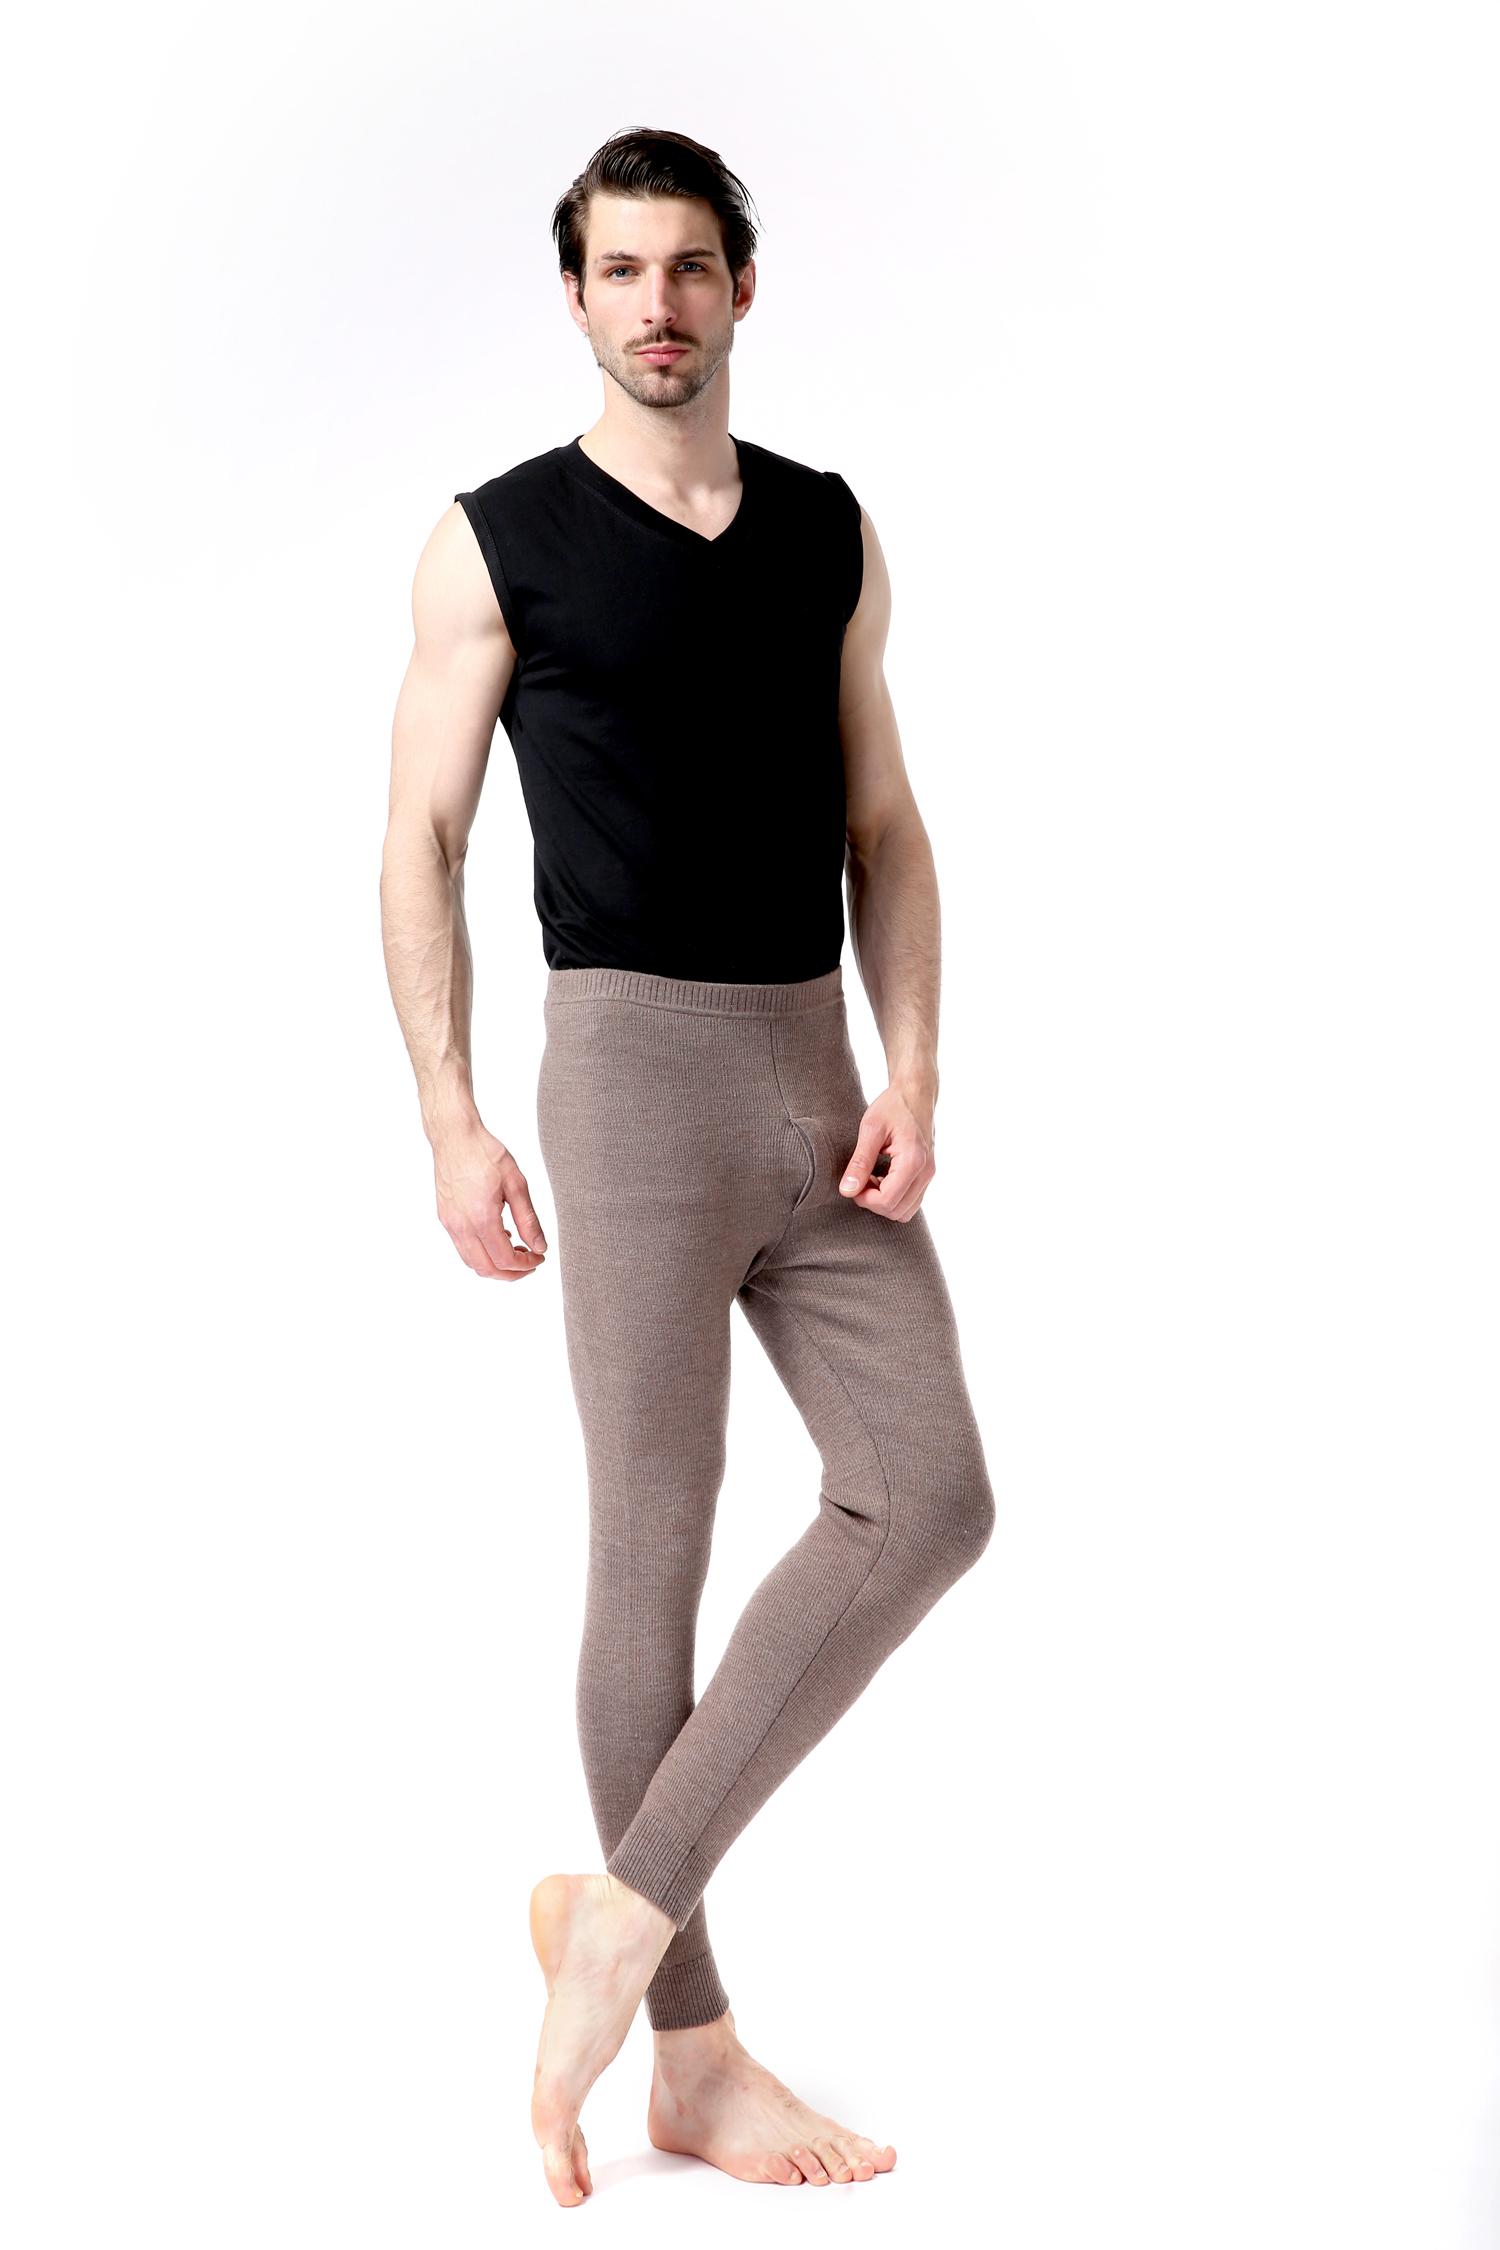 男士打底绒裤什么面料好:哪里有卖最超值的都兰诺斯澳毛男抽条裤